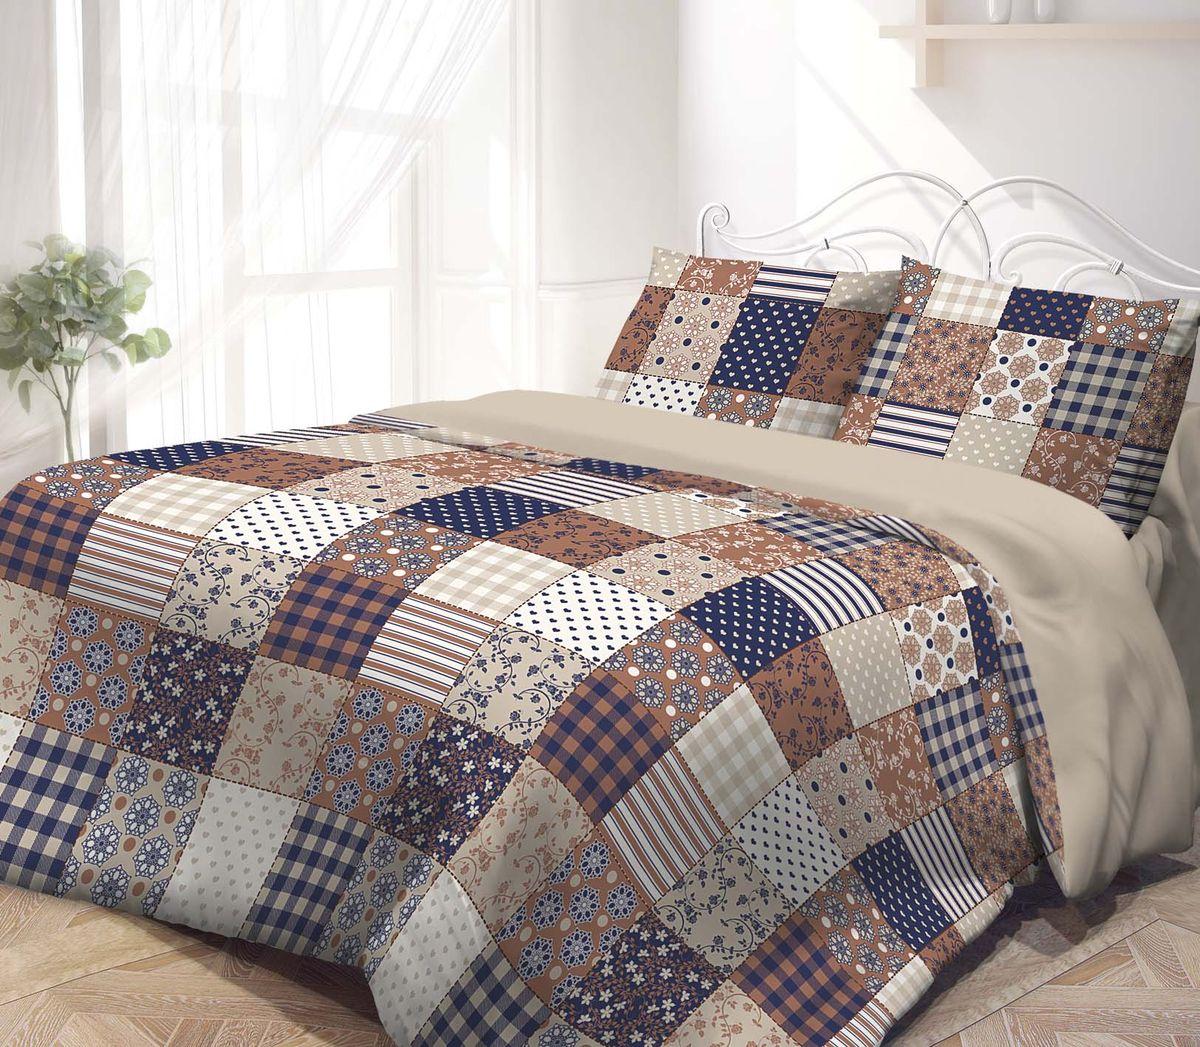 Комплект белья Гармония, 1,5-спальный, наволочки 50х70, цвет: синий, коричневый391602Комплект постельного белья Гармония является экологически безопасным, так как выполнен из поплина (100% хлопка). Комплект состоит из пододеяльника, простыни и двух наволочек. Постельное белье оформлено орнаментом в клеткуи имеет изысканный внешний вид. Постельное белье Гармония - лучший выбор для современной хозяйки! Его отличают демократичная цена и отличное качество. Поплин мягкий и приятный на ощупь. Кроме того, эта ткань не требует особого ухода, легко стирается и прекрасно держит форму. Высококачественные красители, которые используются при производстве постельного белья, сохраняют свой цвет даже после многочисленных стирок.